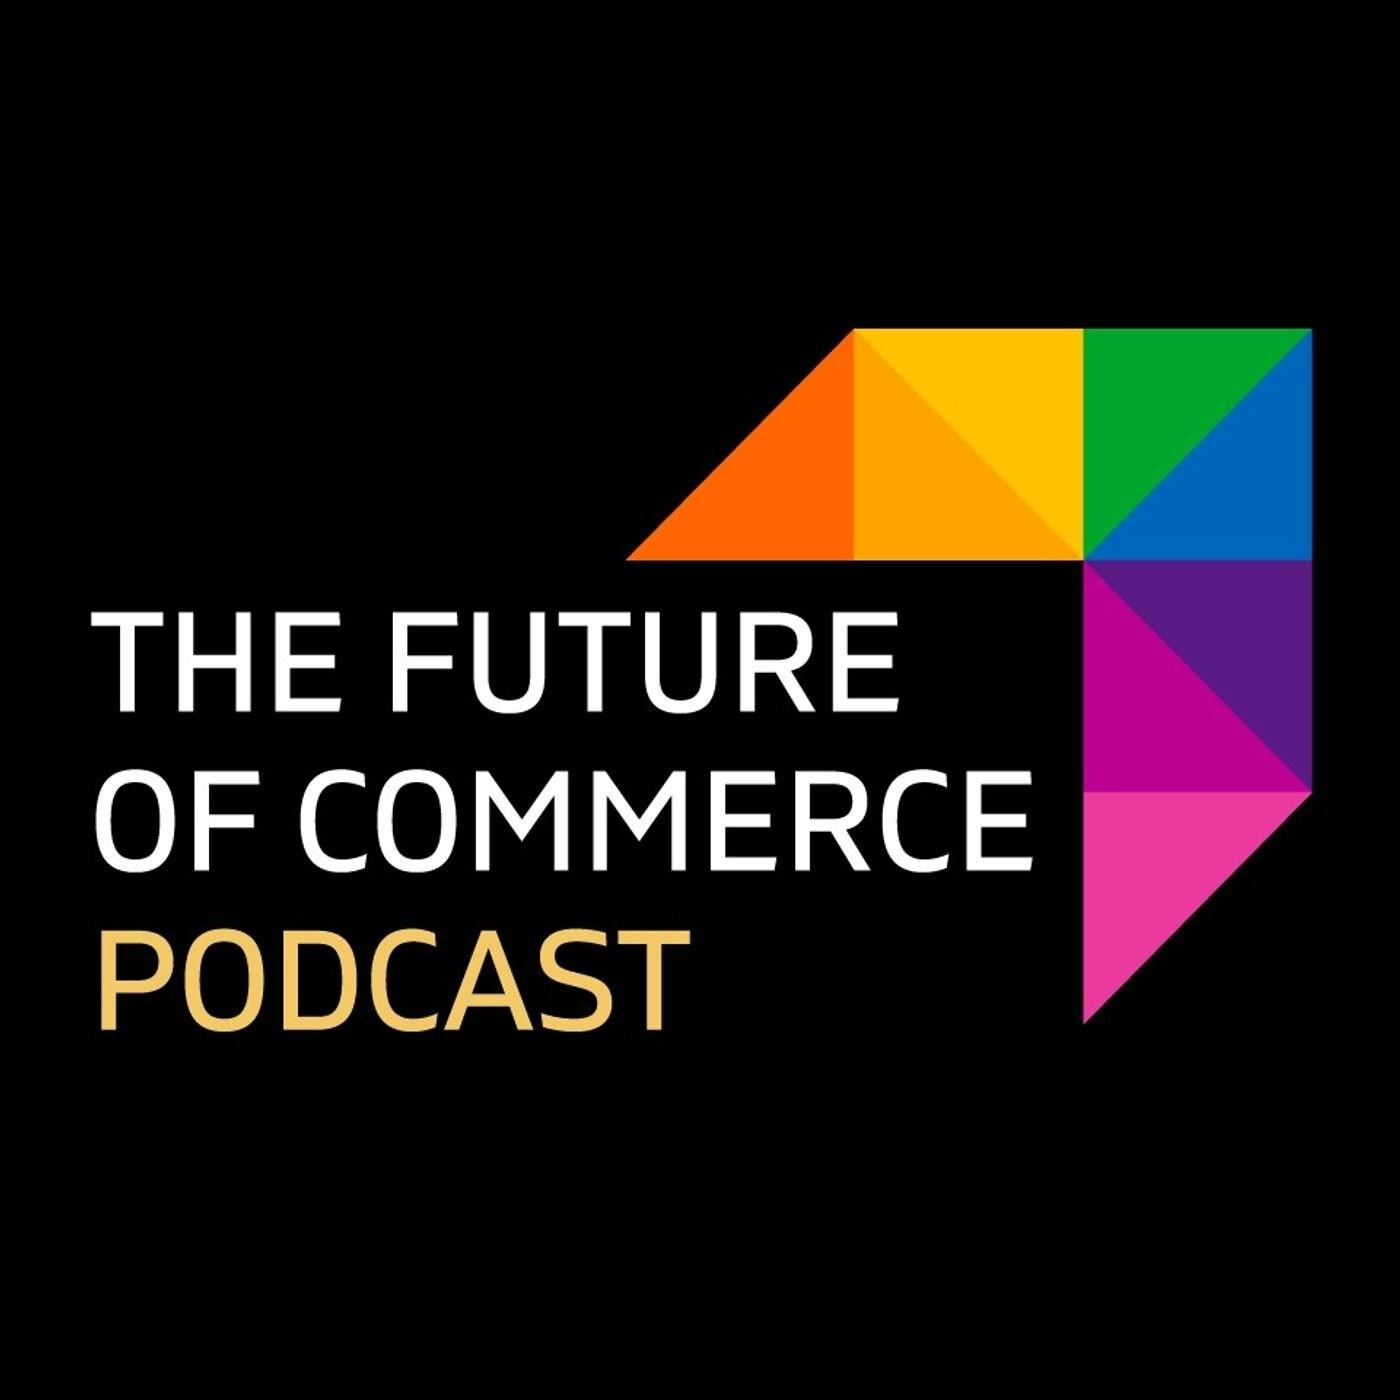 El futuro de la experiencia de cliente